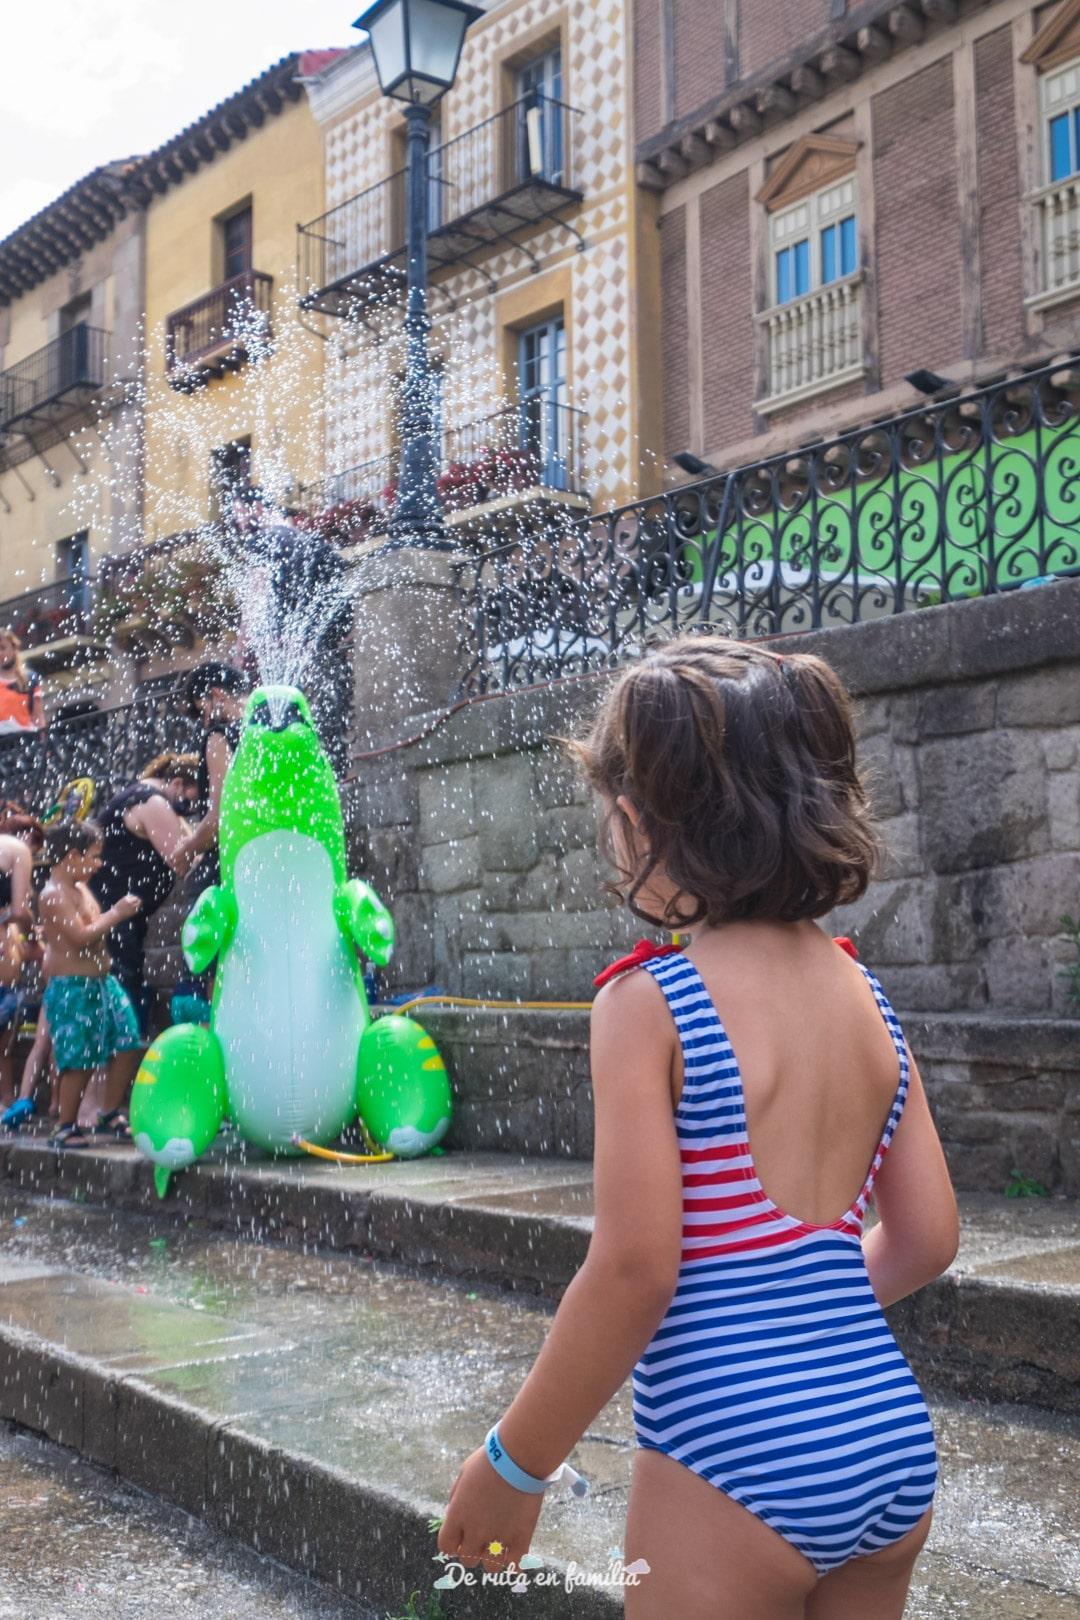 Splash. Festa de l'aigua al Poble Espanyol de Barcelona